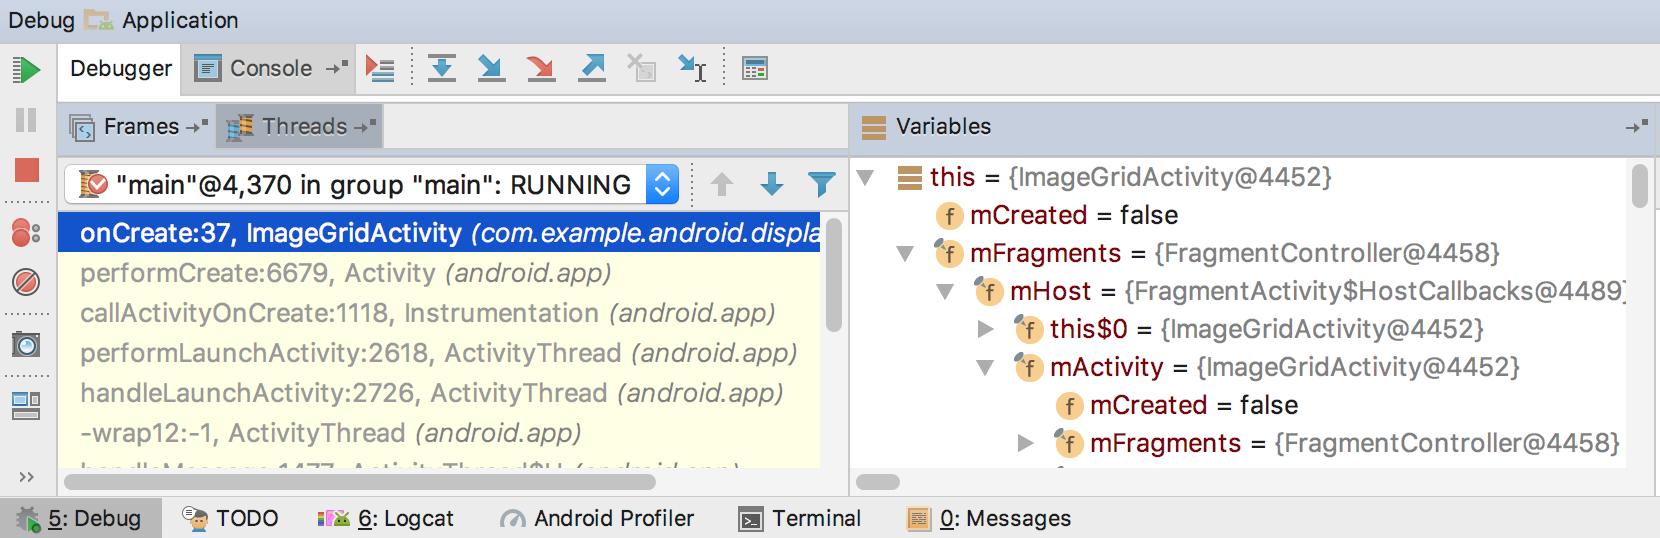 Окно для отладки приложения в Android Studio